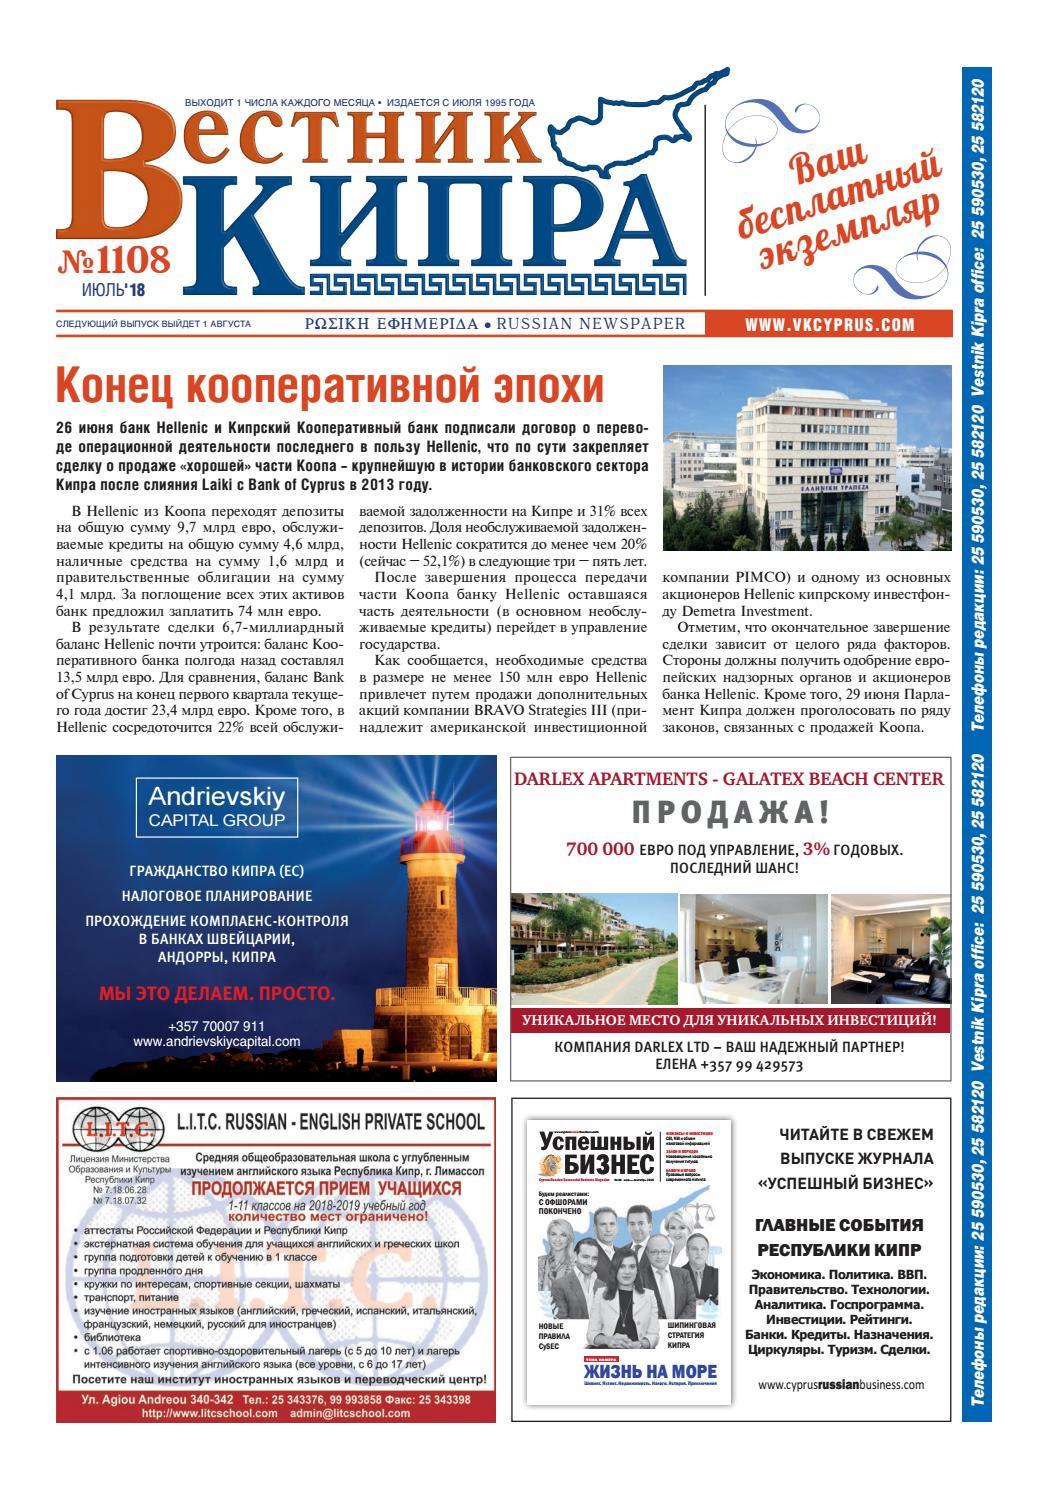 15c4504ff Вестник Кипра №1108 by Вестник Кипра - issuu